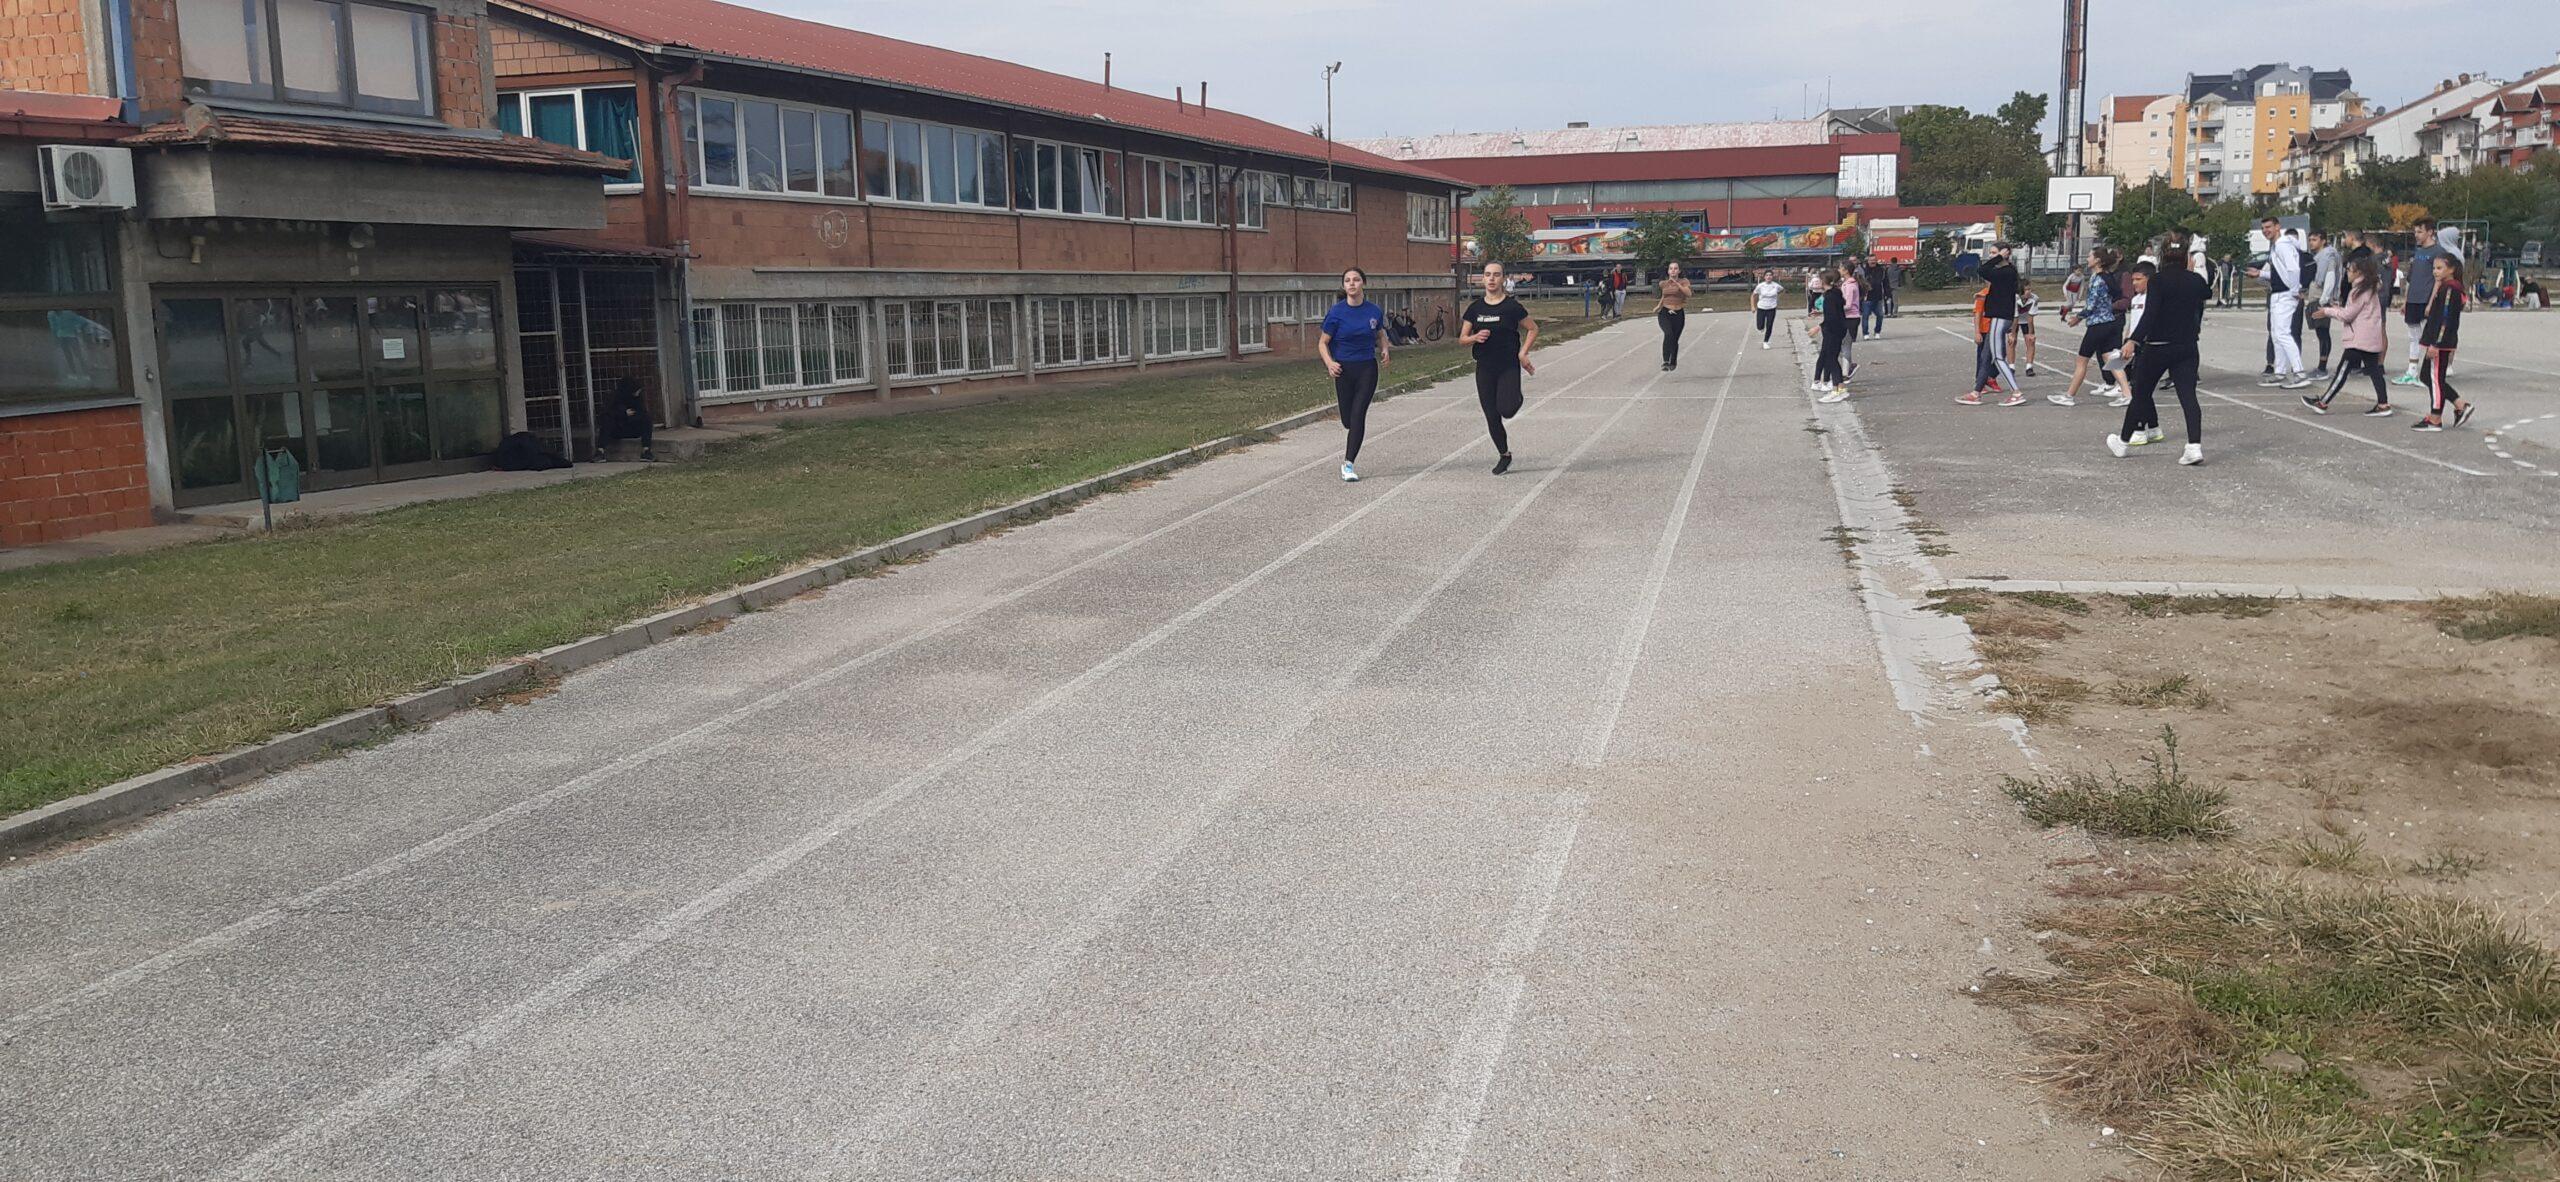 Održano Opštinsko školsko prvenstvo Mladenovca u atletici (video)